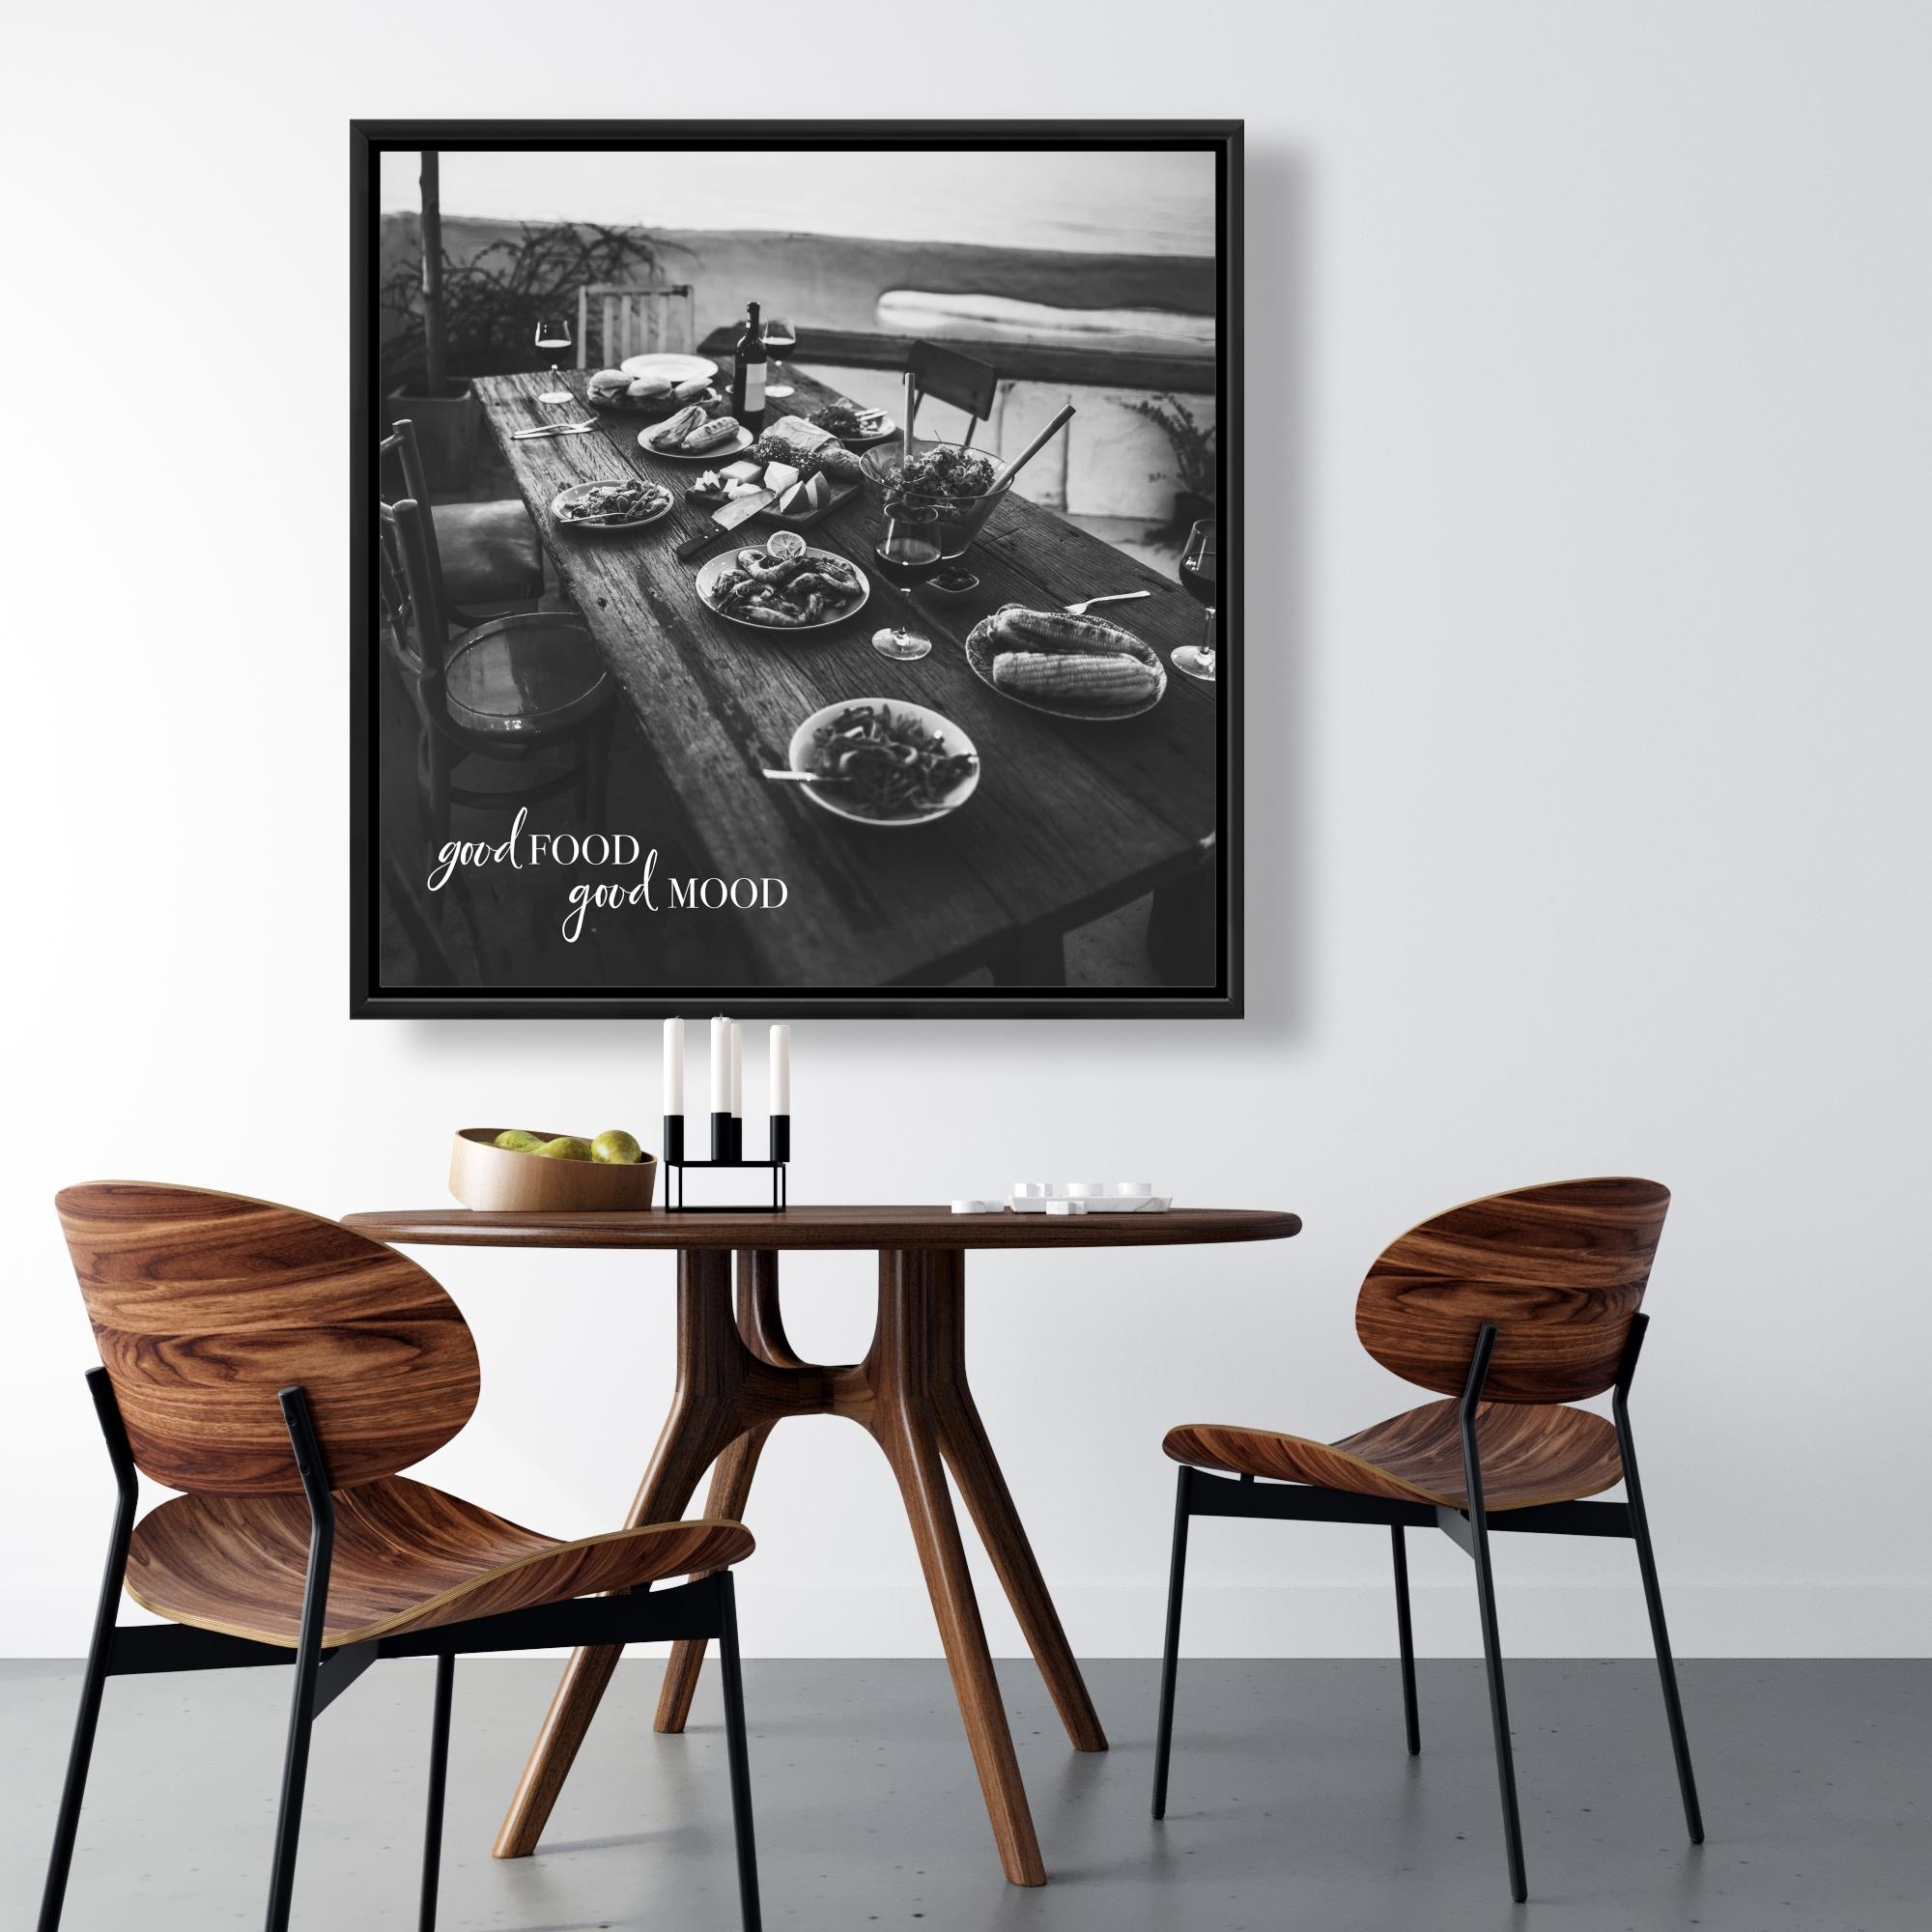 Framed 36 x 36 - Good food good mood